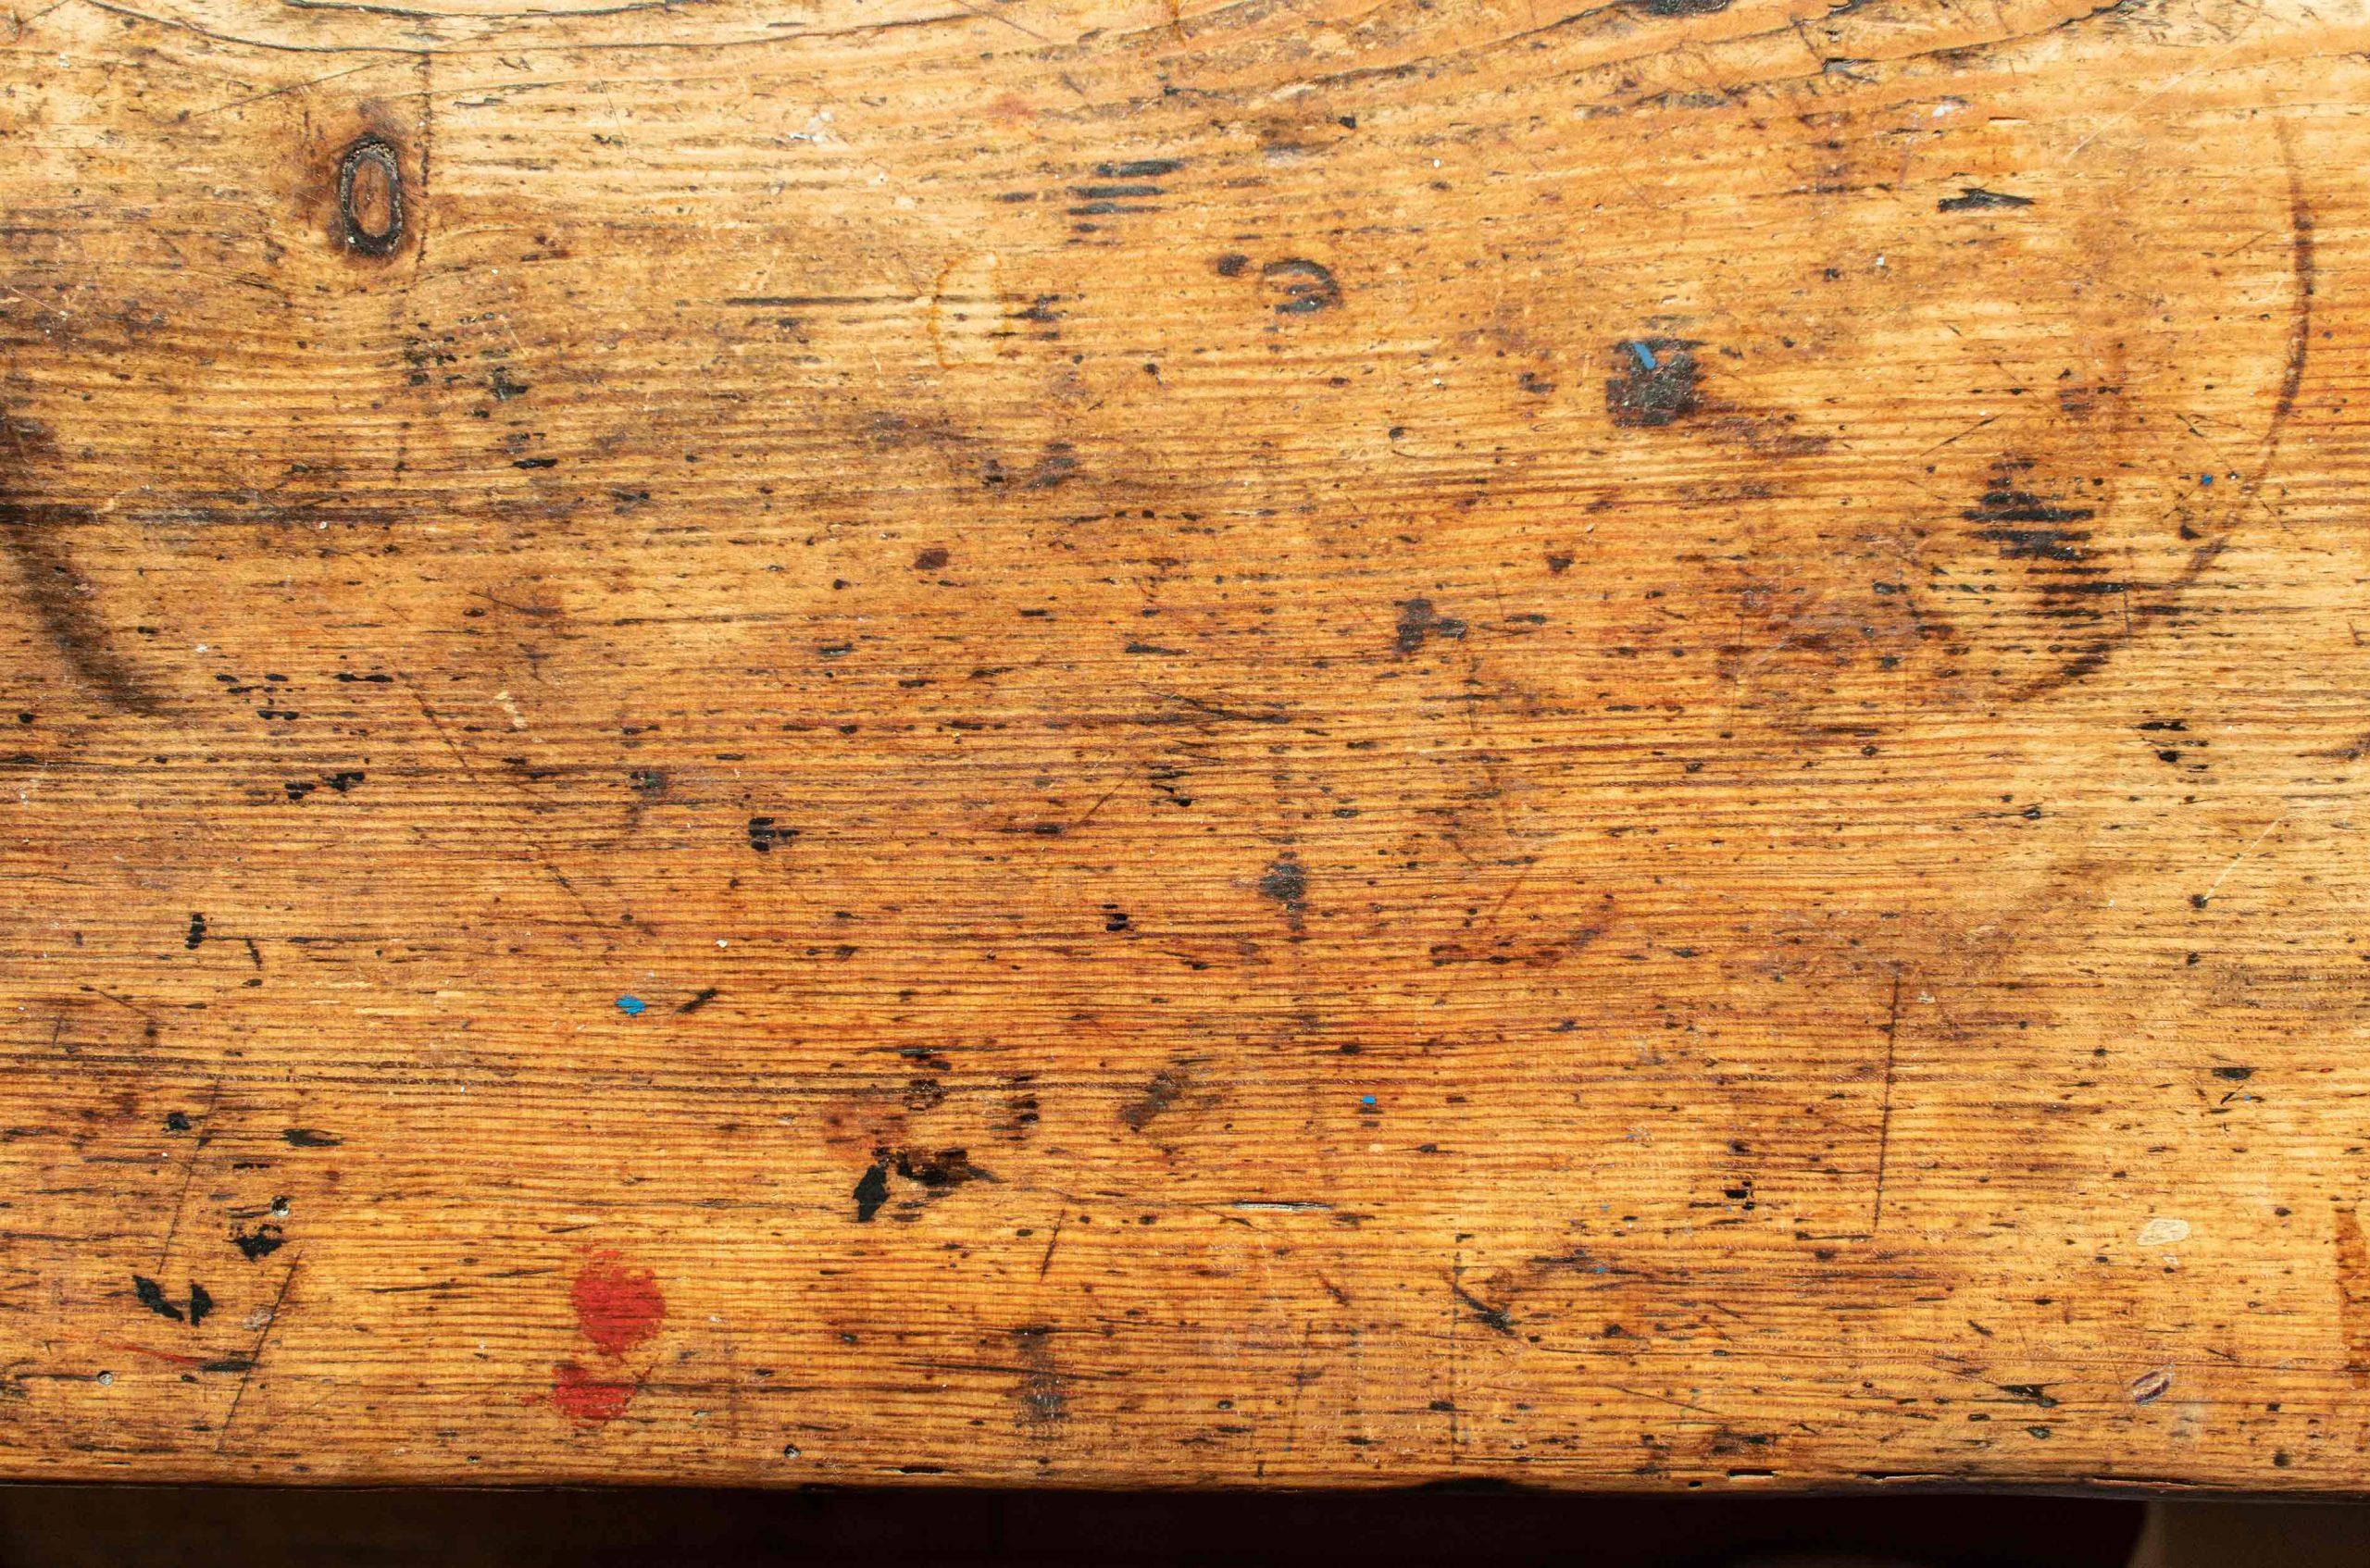 alter guter Tisch, Spuren auf der Oberfläche